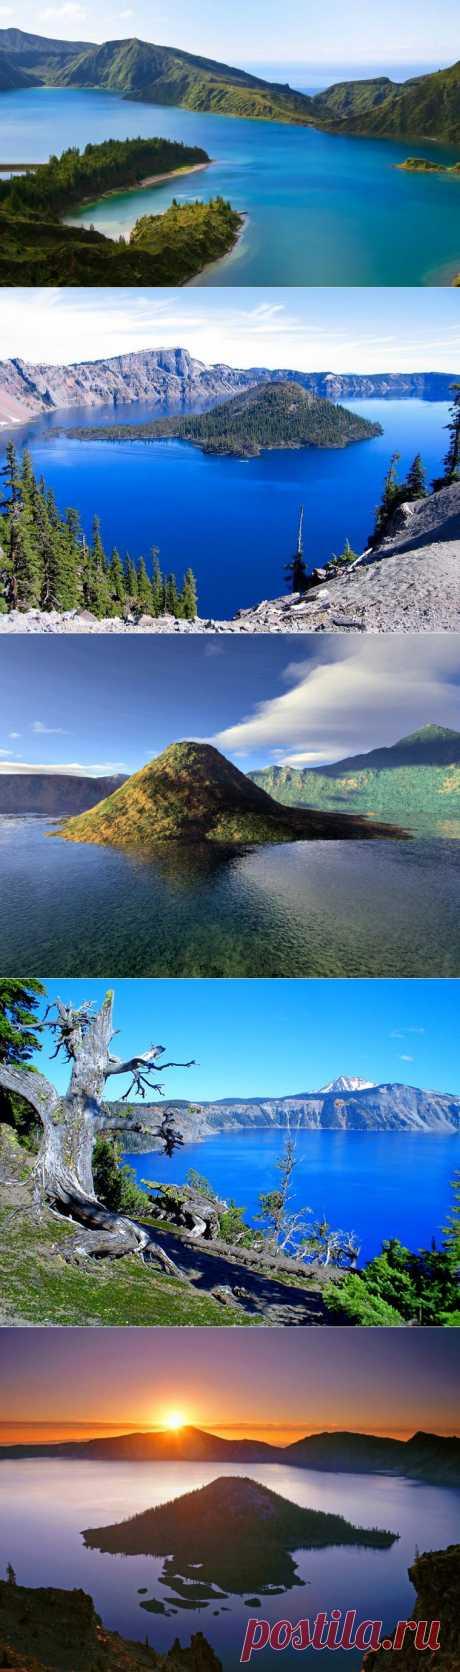 (+1) тема - Красоты озера Крейтер | Непутевые заметки